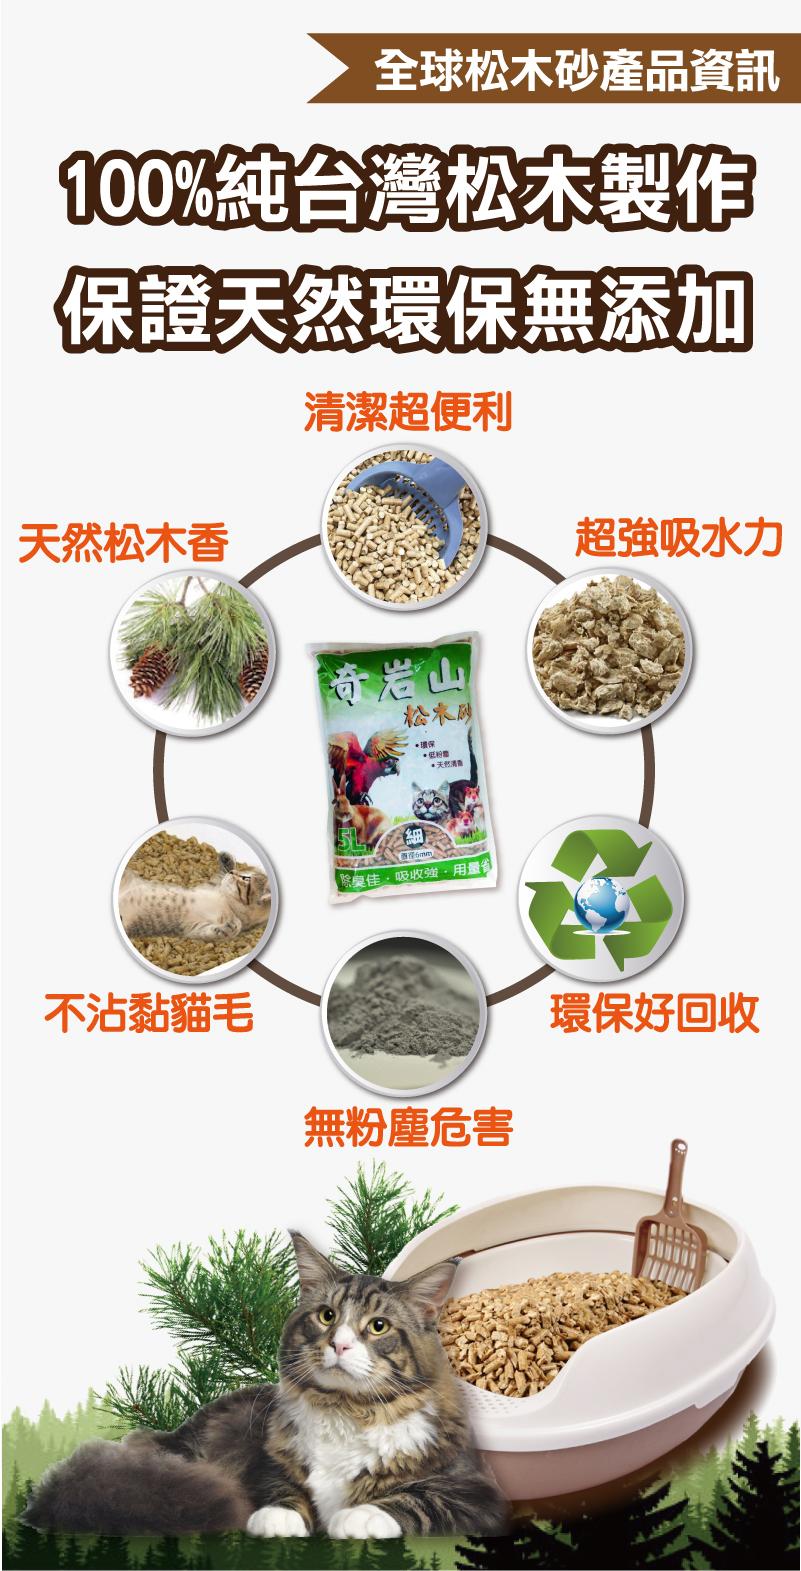 100%純台灣松木製做,保證天然環保無添加│全球寵物奇岩山松木砂系列